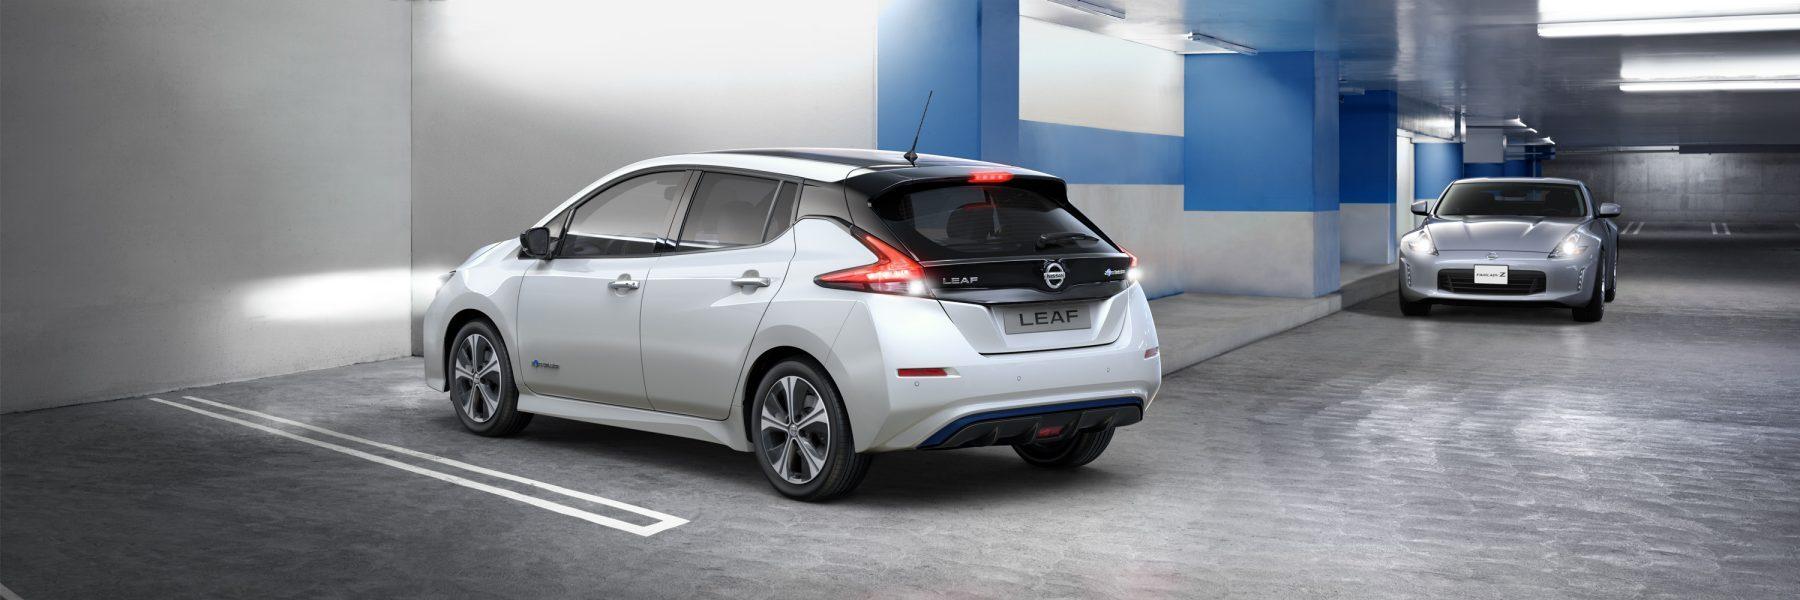 De nieuwe Nissan LEAF reageert bij een parkeerplek terwijl er een andere auto aankomt